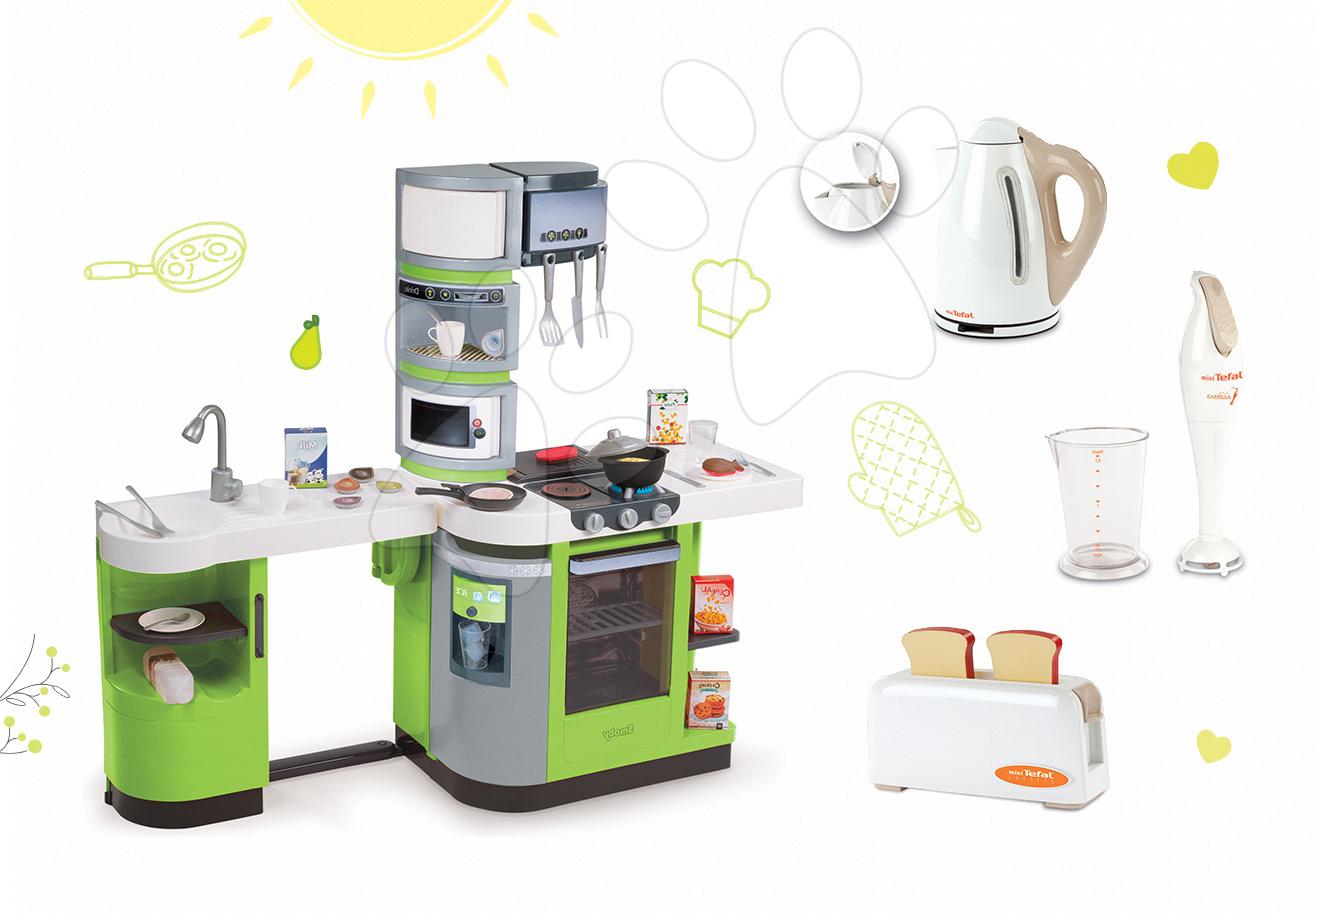 Set kuchyňka pro děti CookMaster Verte s ledem a zvuky a 3 kuchyňské spotřebiče